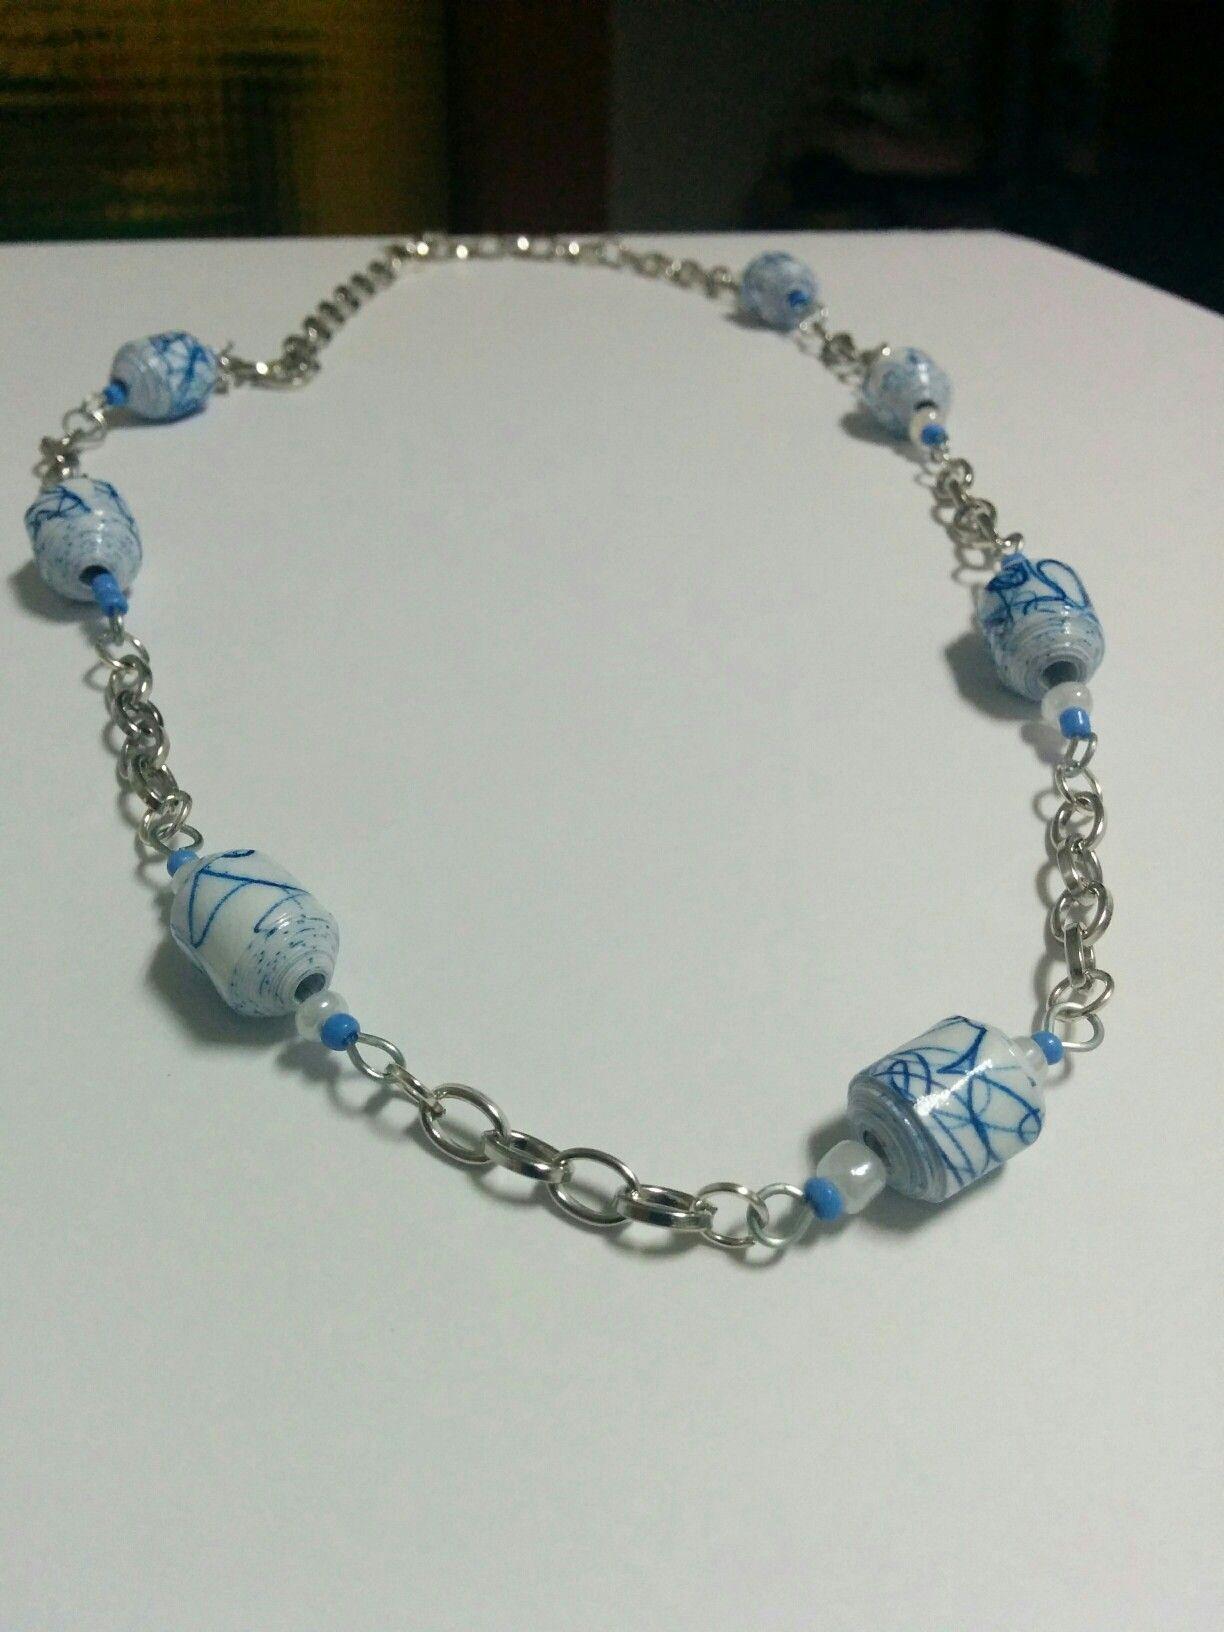 Pin by Georgina Maltez on Joyas | Pinterest | Wire wrapped jewelry ...